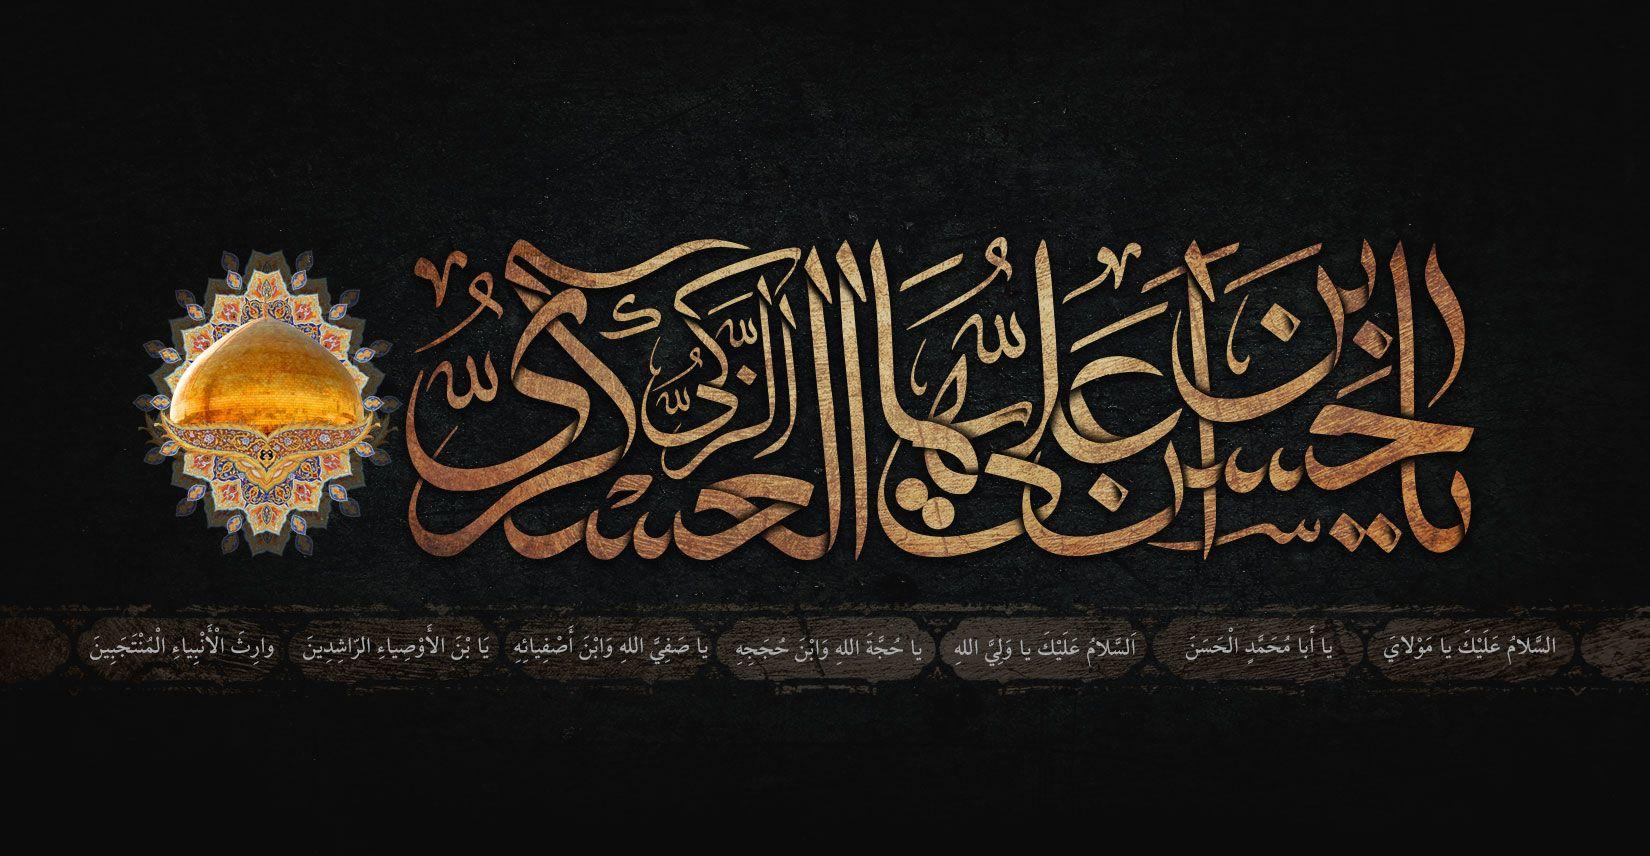 استشهاد الامام الحسن العسكري عليه السلام Islamic Art Pebble Painting Art